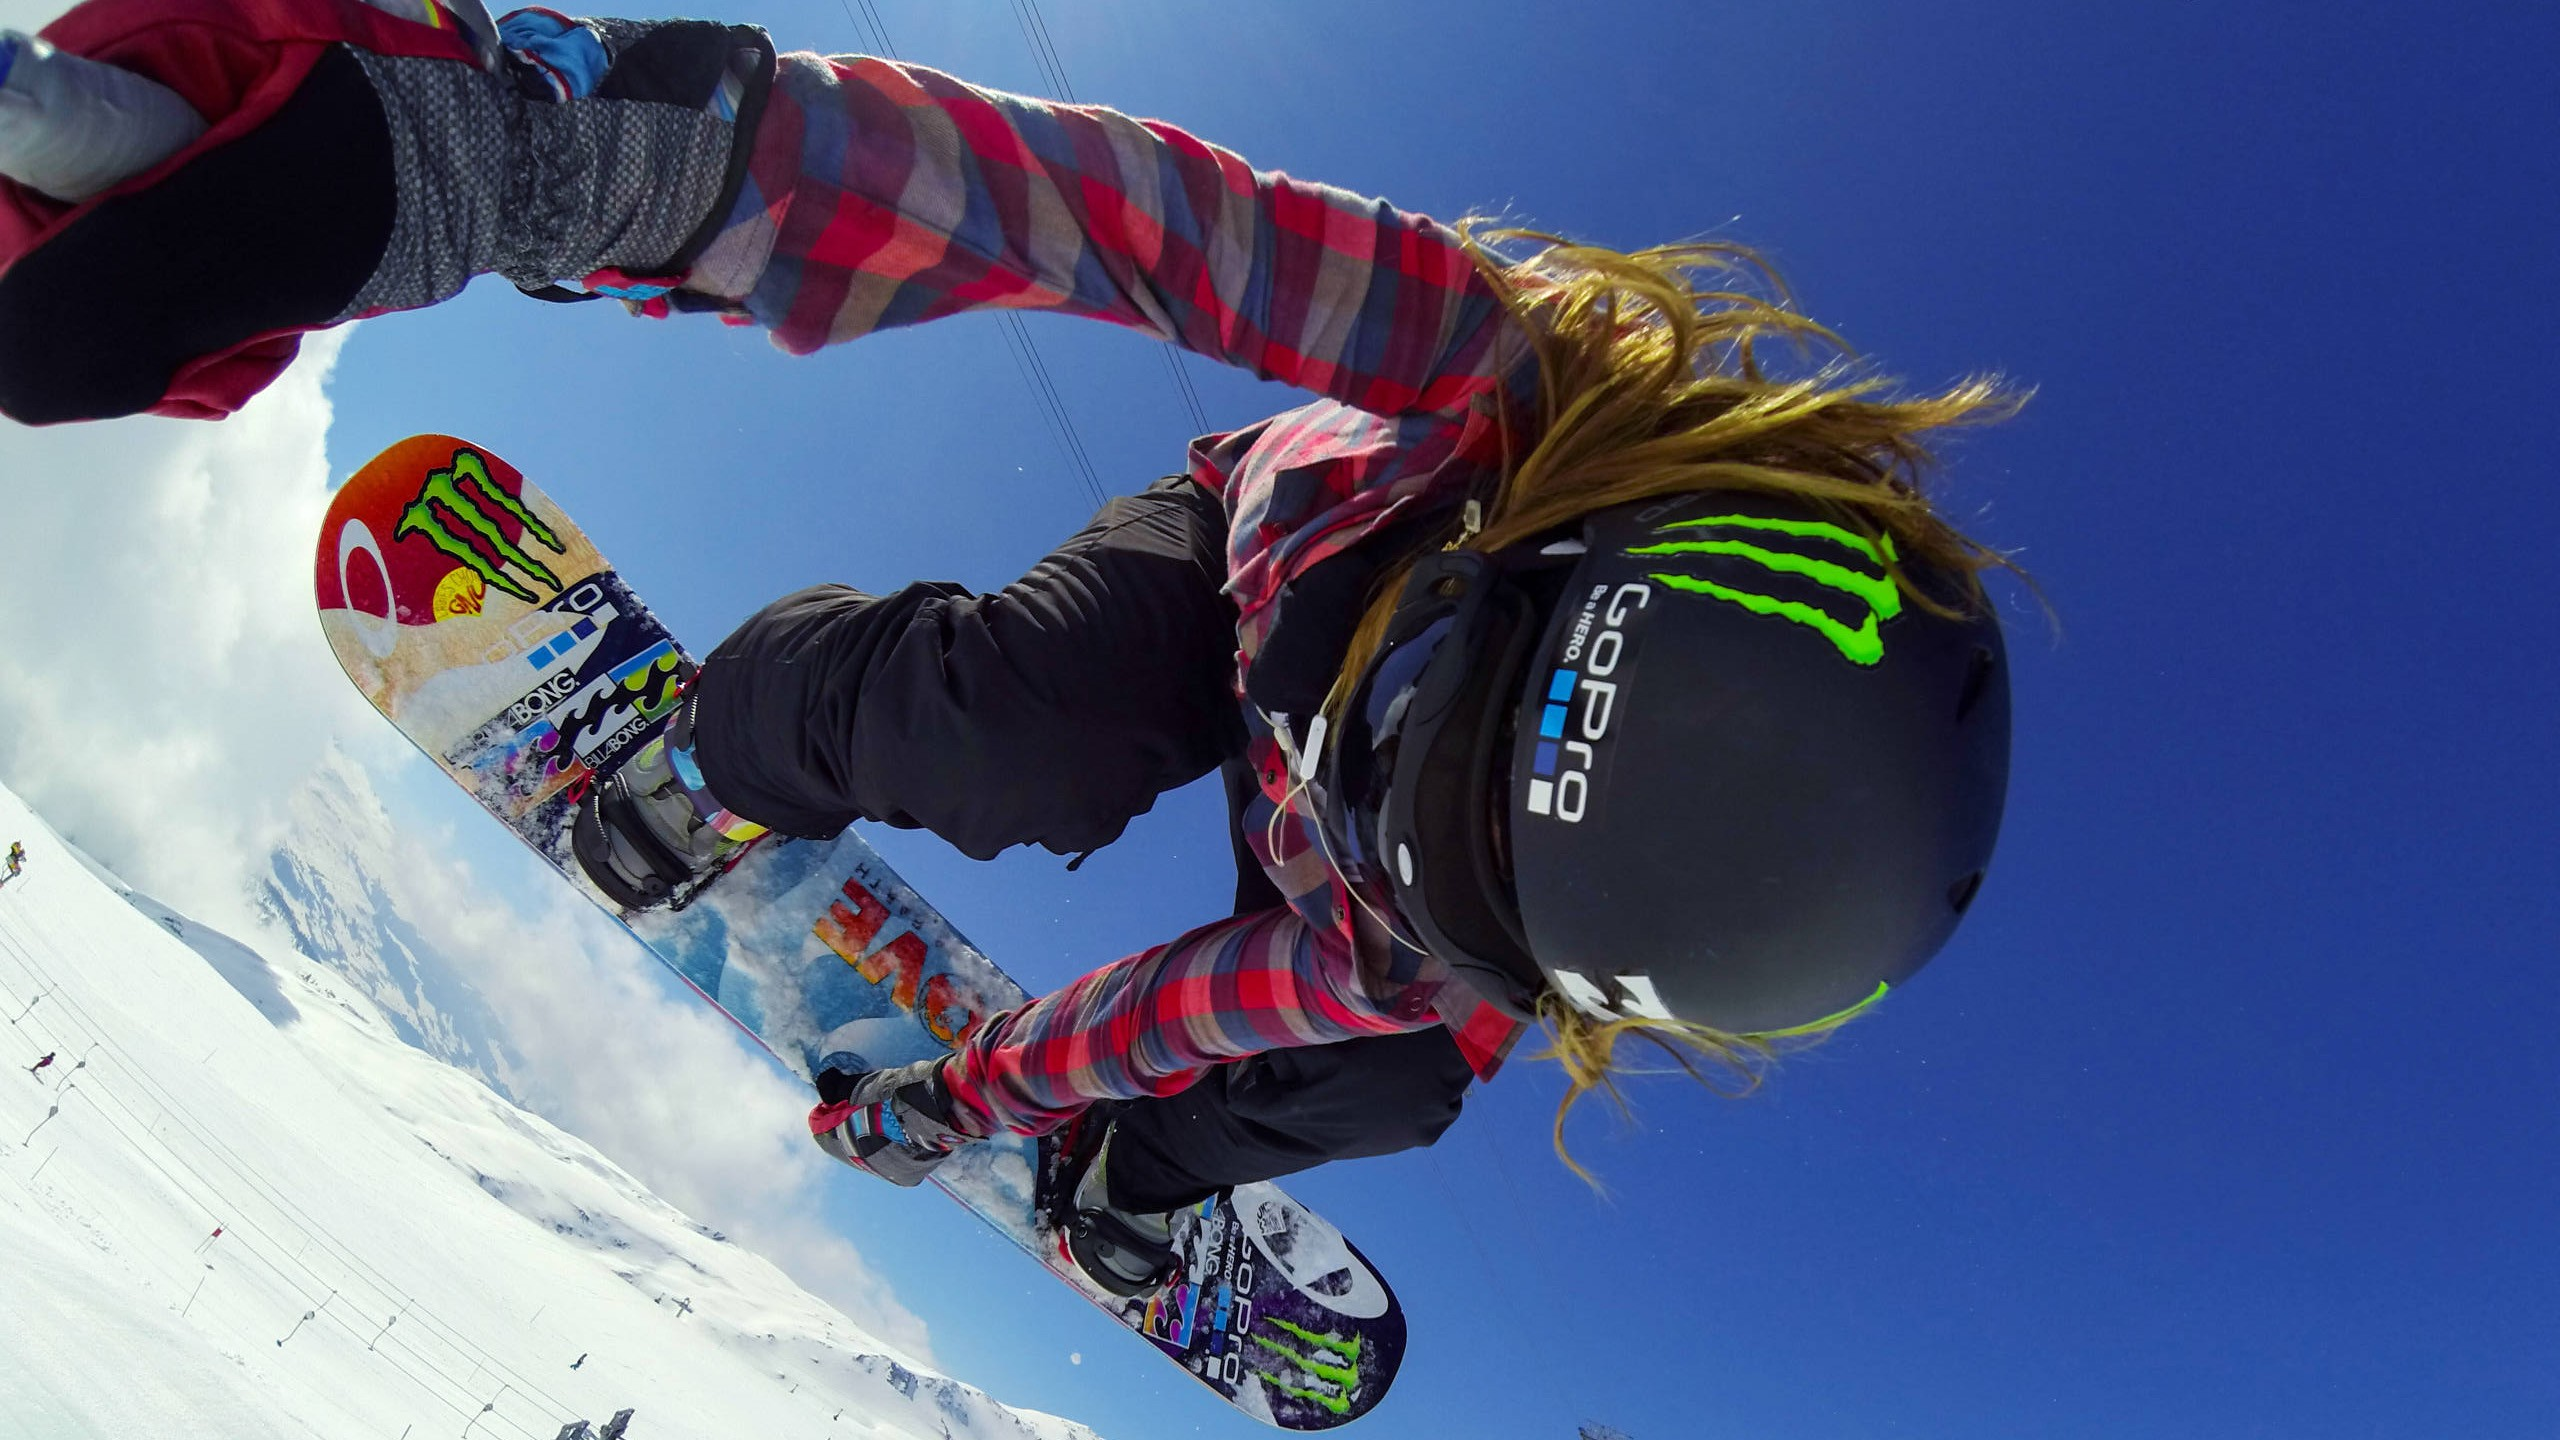 snow_board_gopro_freestyle_hd_wallpaper